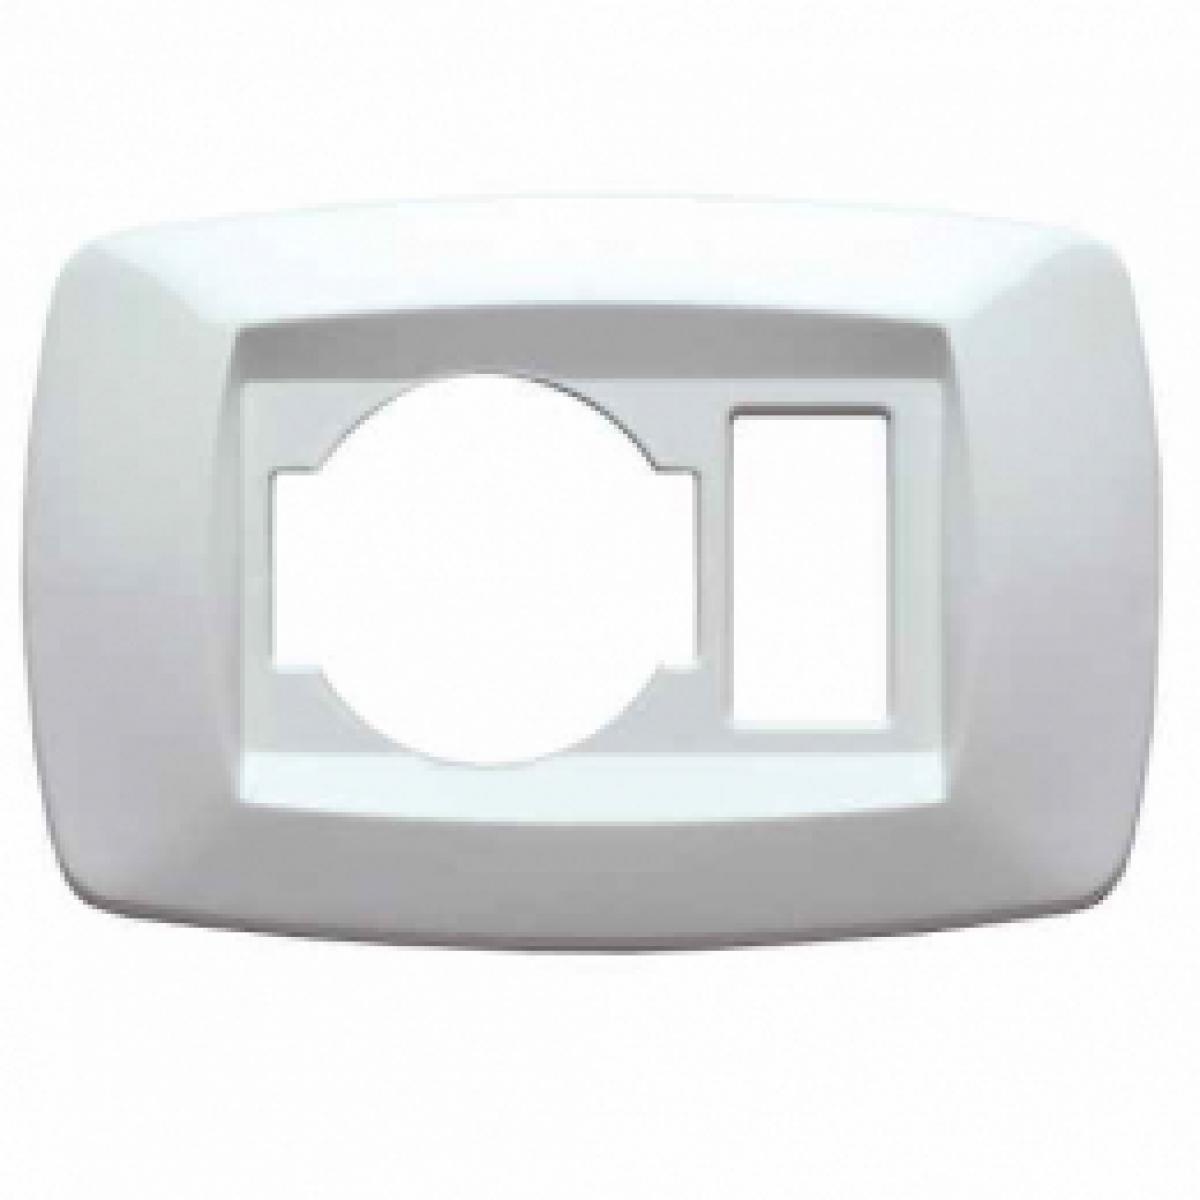 Placca bianco 1 foro + presa unel schuko MD10NU1 master modì